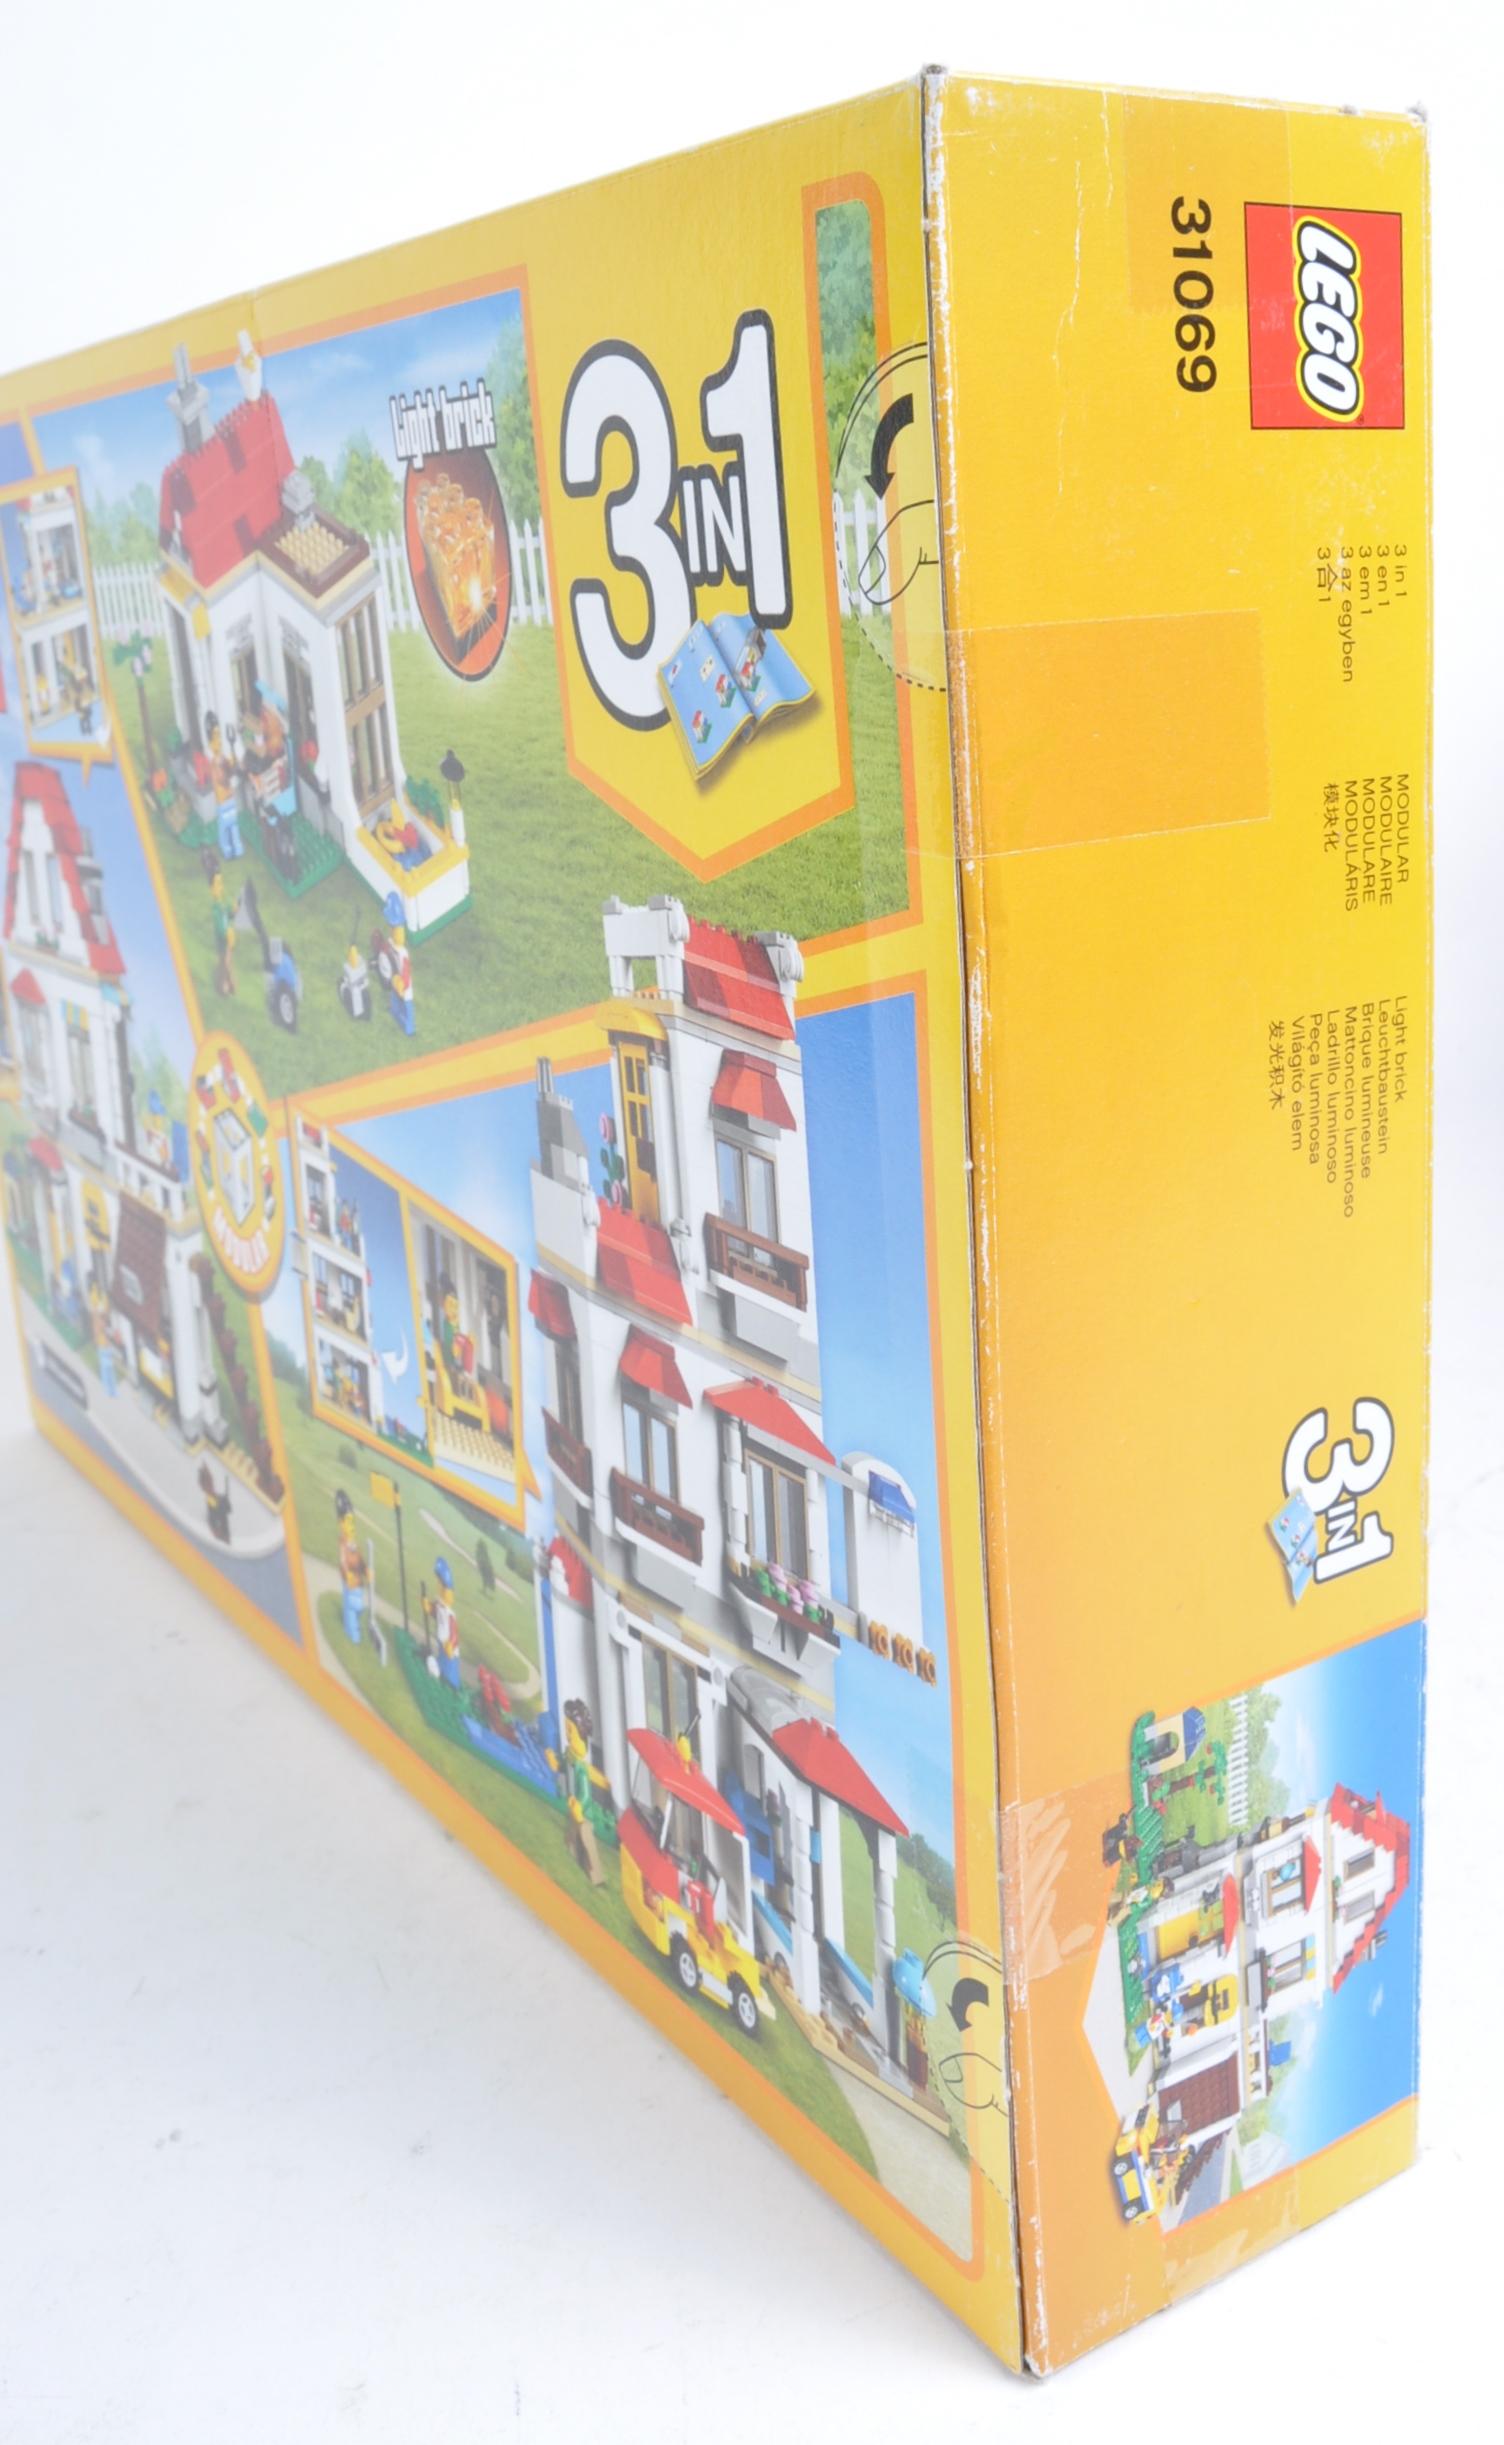 LEGO SETS - LEGO CREATOR - 31065 / 31069 - Image 5 of 6